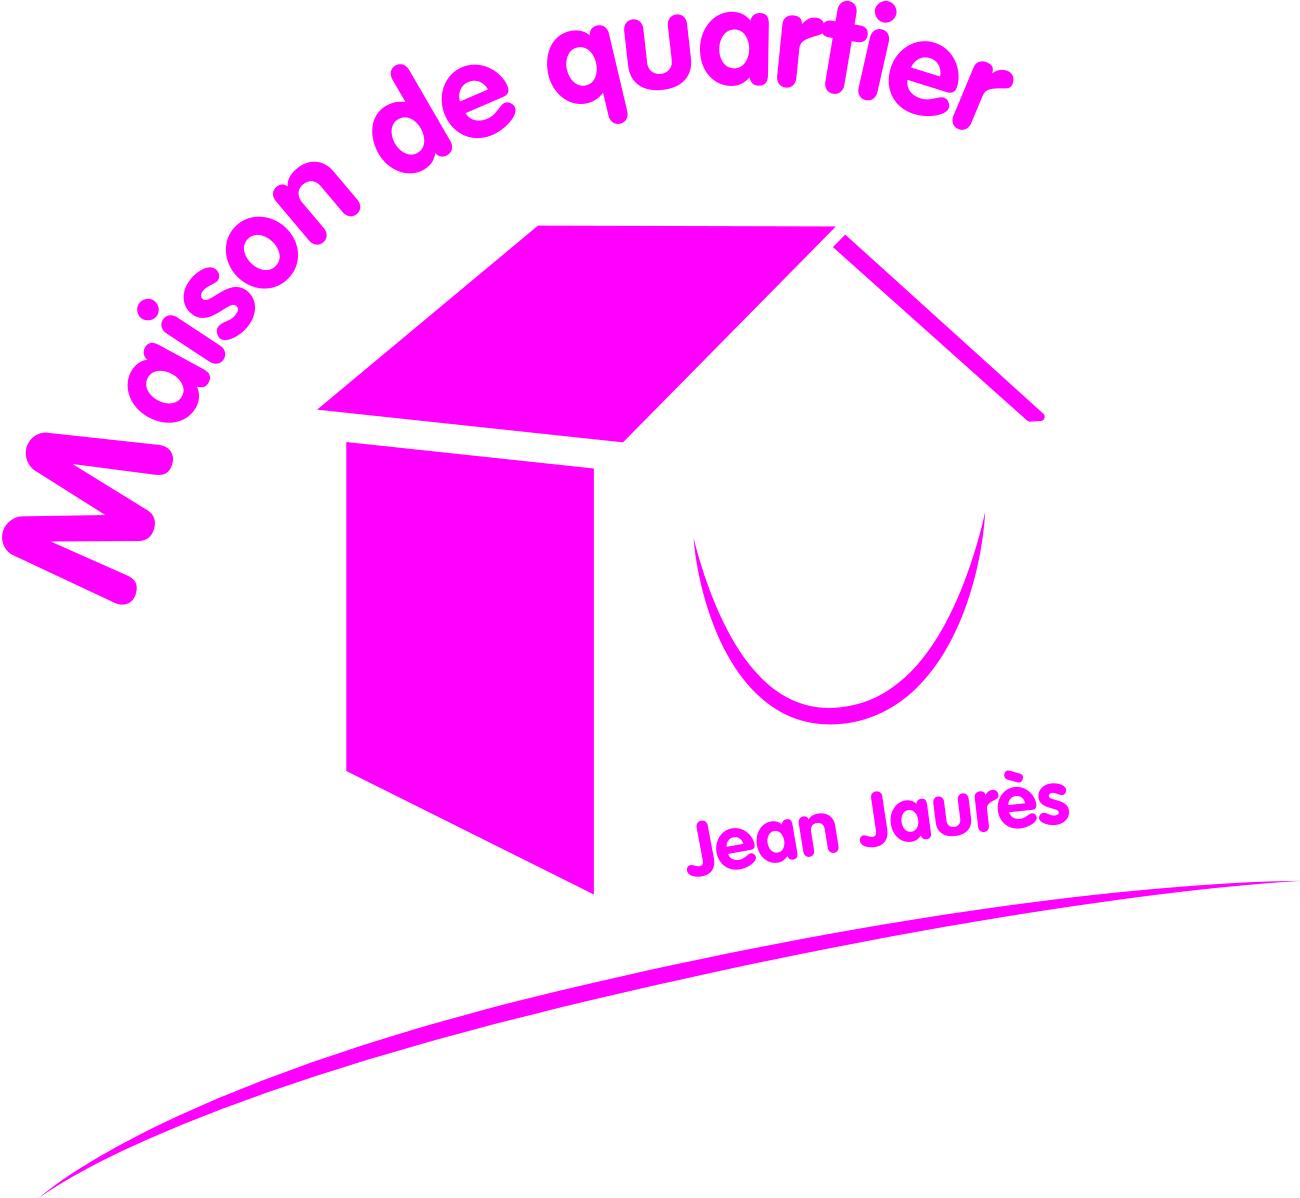 Maison de quartier jean jaurès 38 bis rue de solférino reims 51100 reims téléphone 03 26 02 32 50 email chaletmaisondequartier reims fr